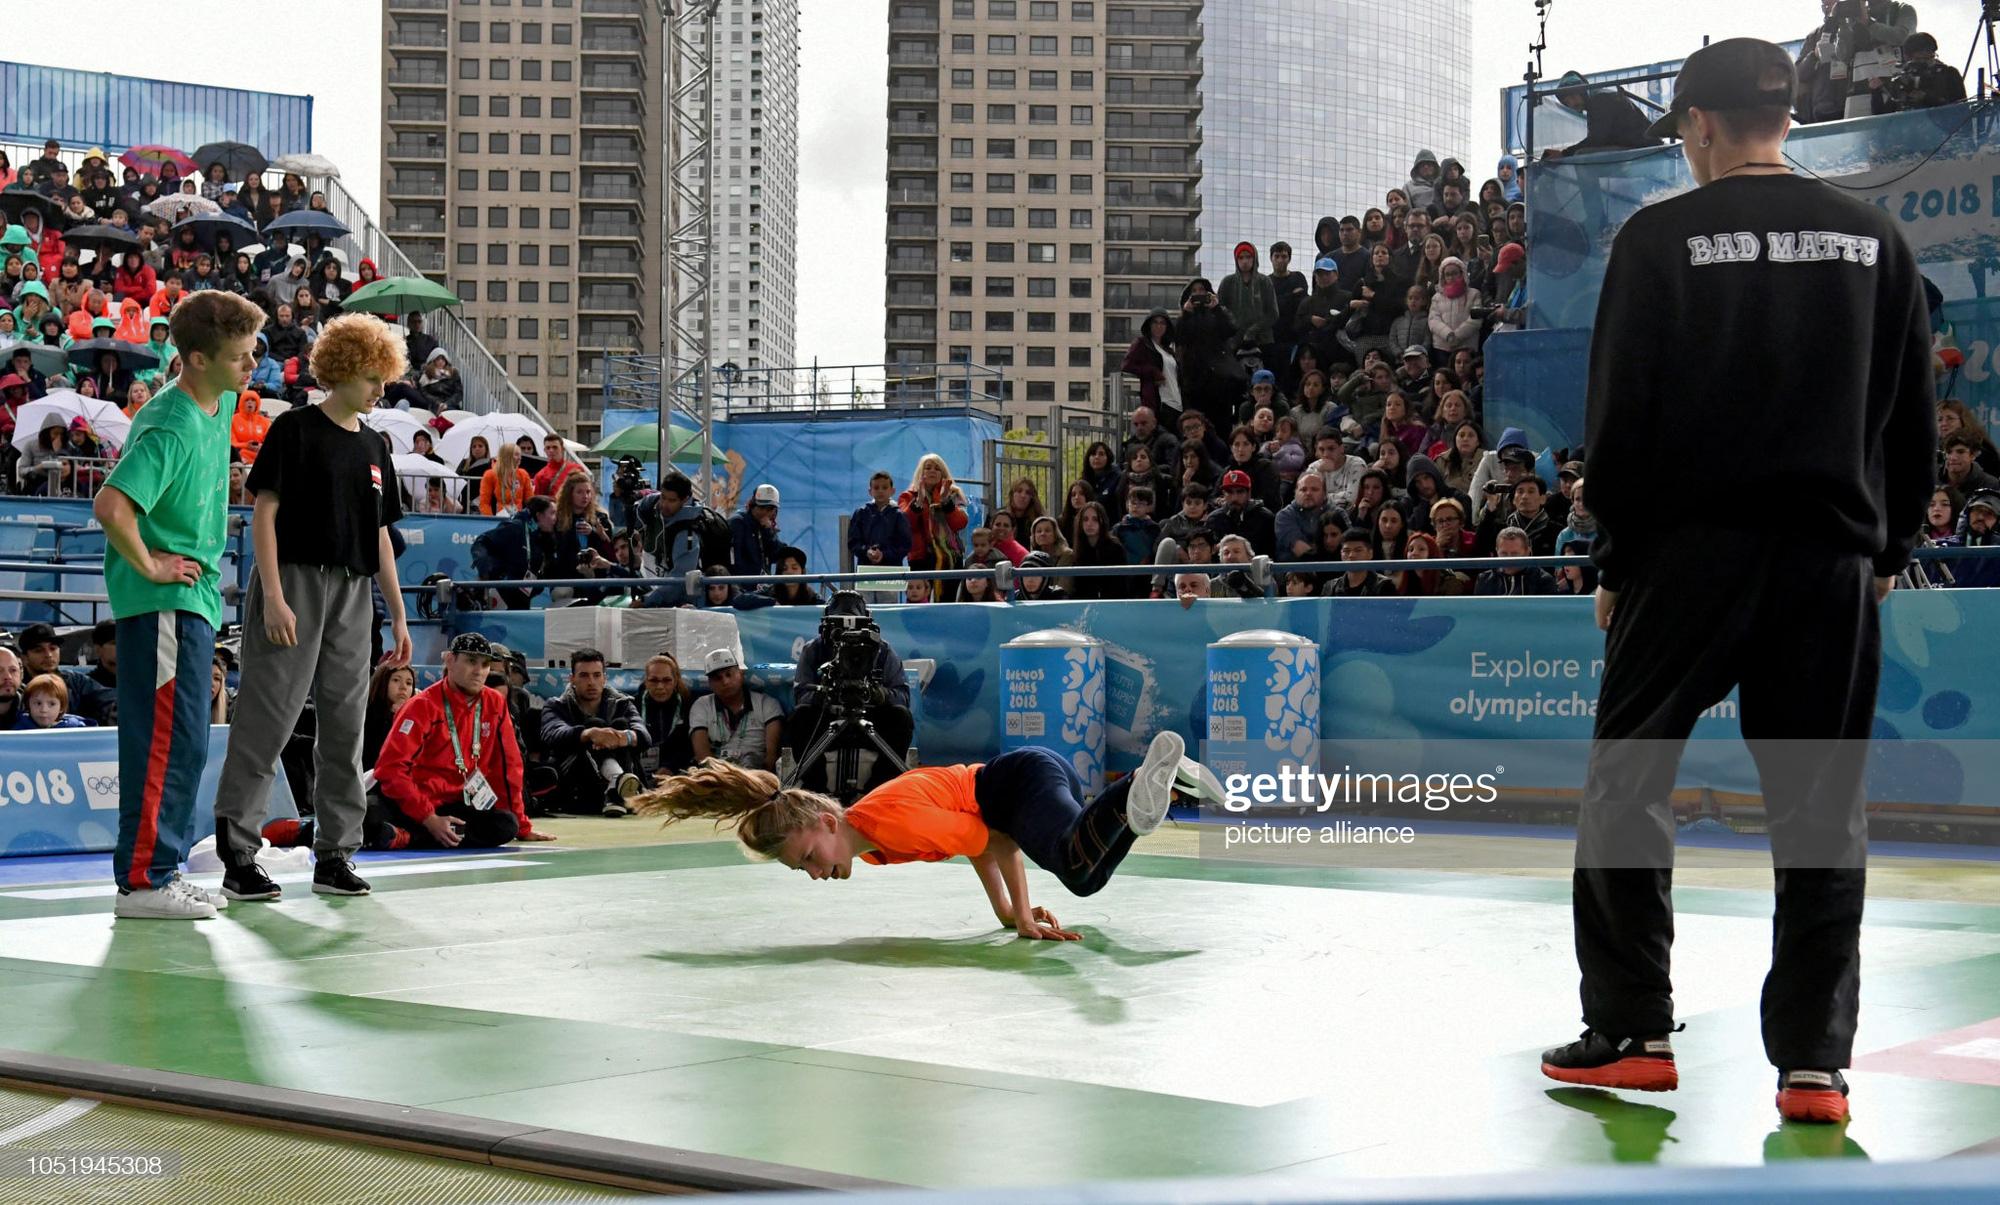 Năm điều thú vị chờ đợi tại Olympic Paris 2024 - Ảnh 3.